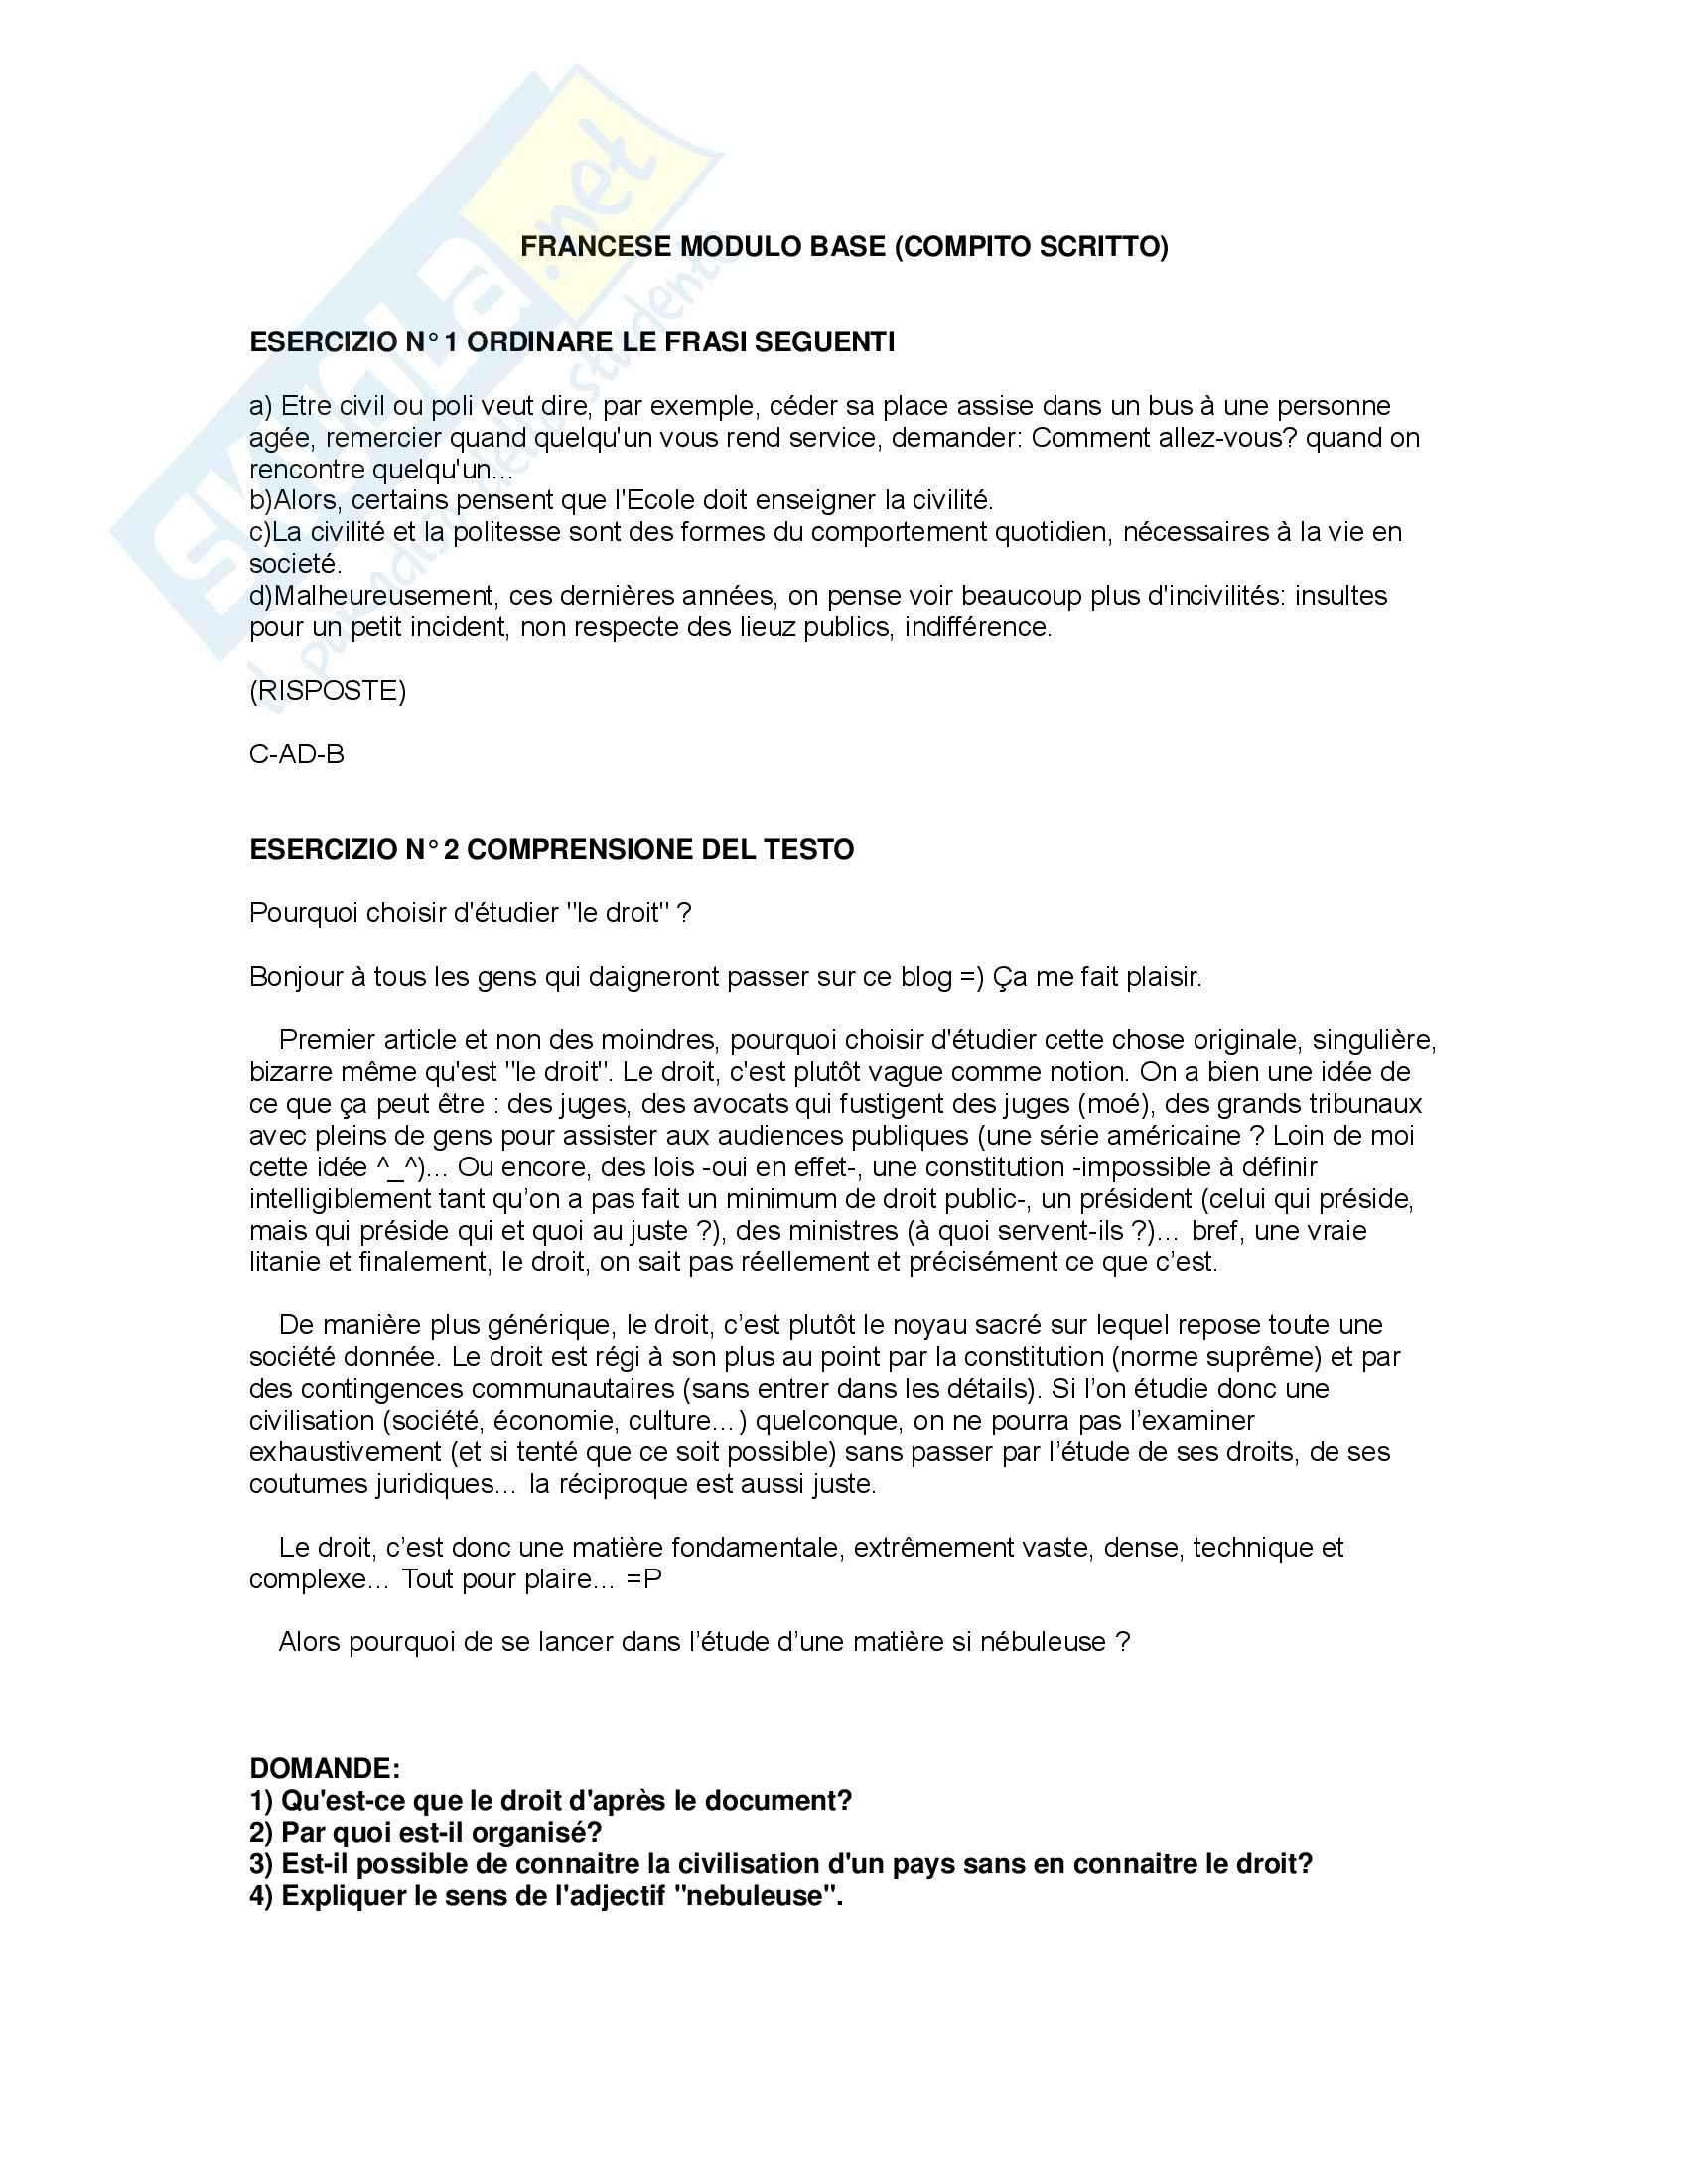 Lingua giuridica francese - Esercizi